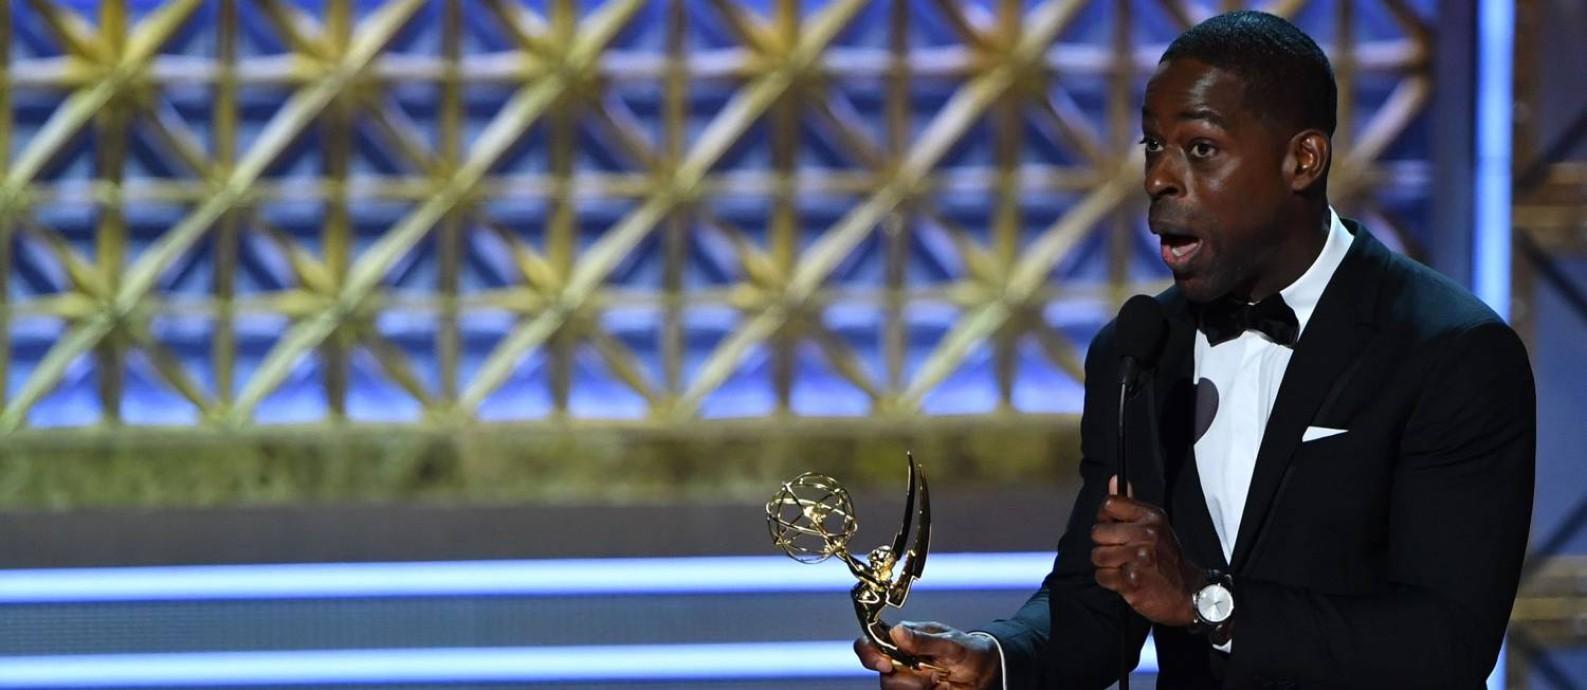 Sterling K. Brown recebe o Emmy de melhor ator dramático por 'This is Us' Foto: FREDERIC J. BROWN / AFP